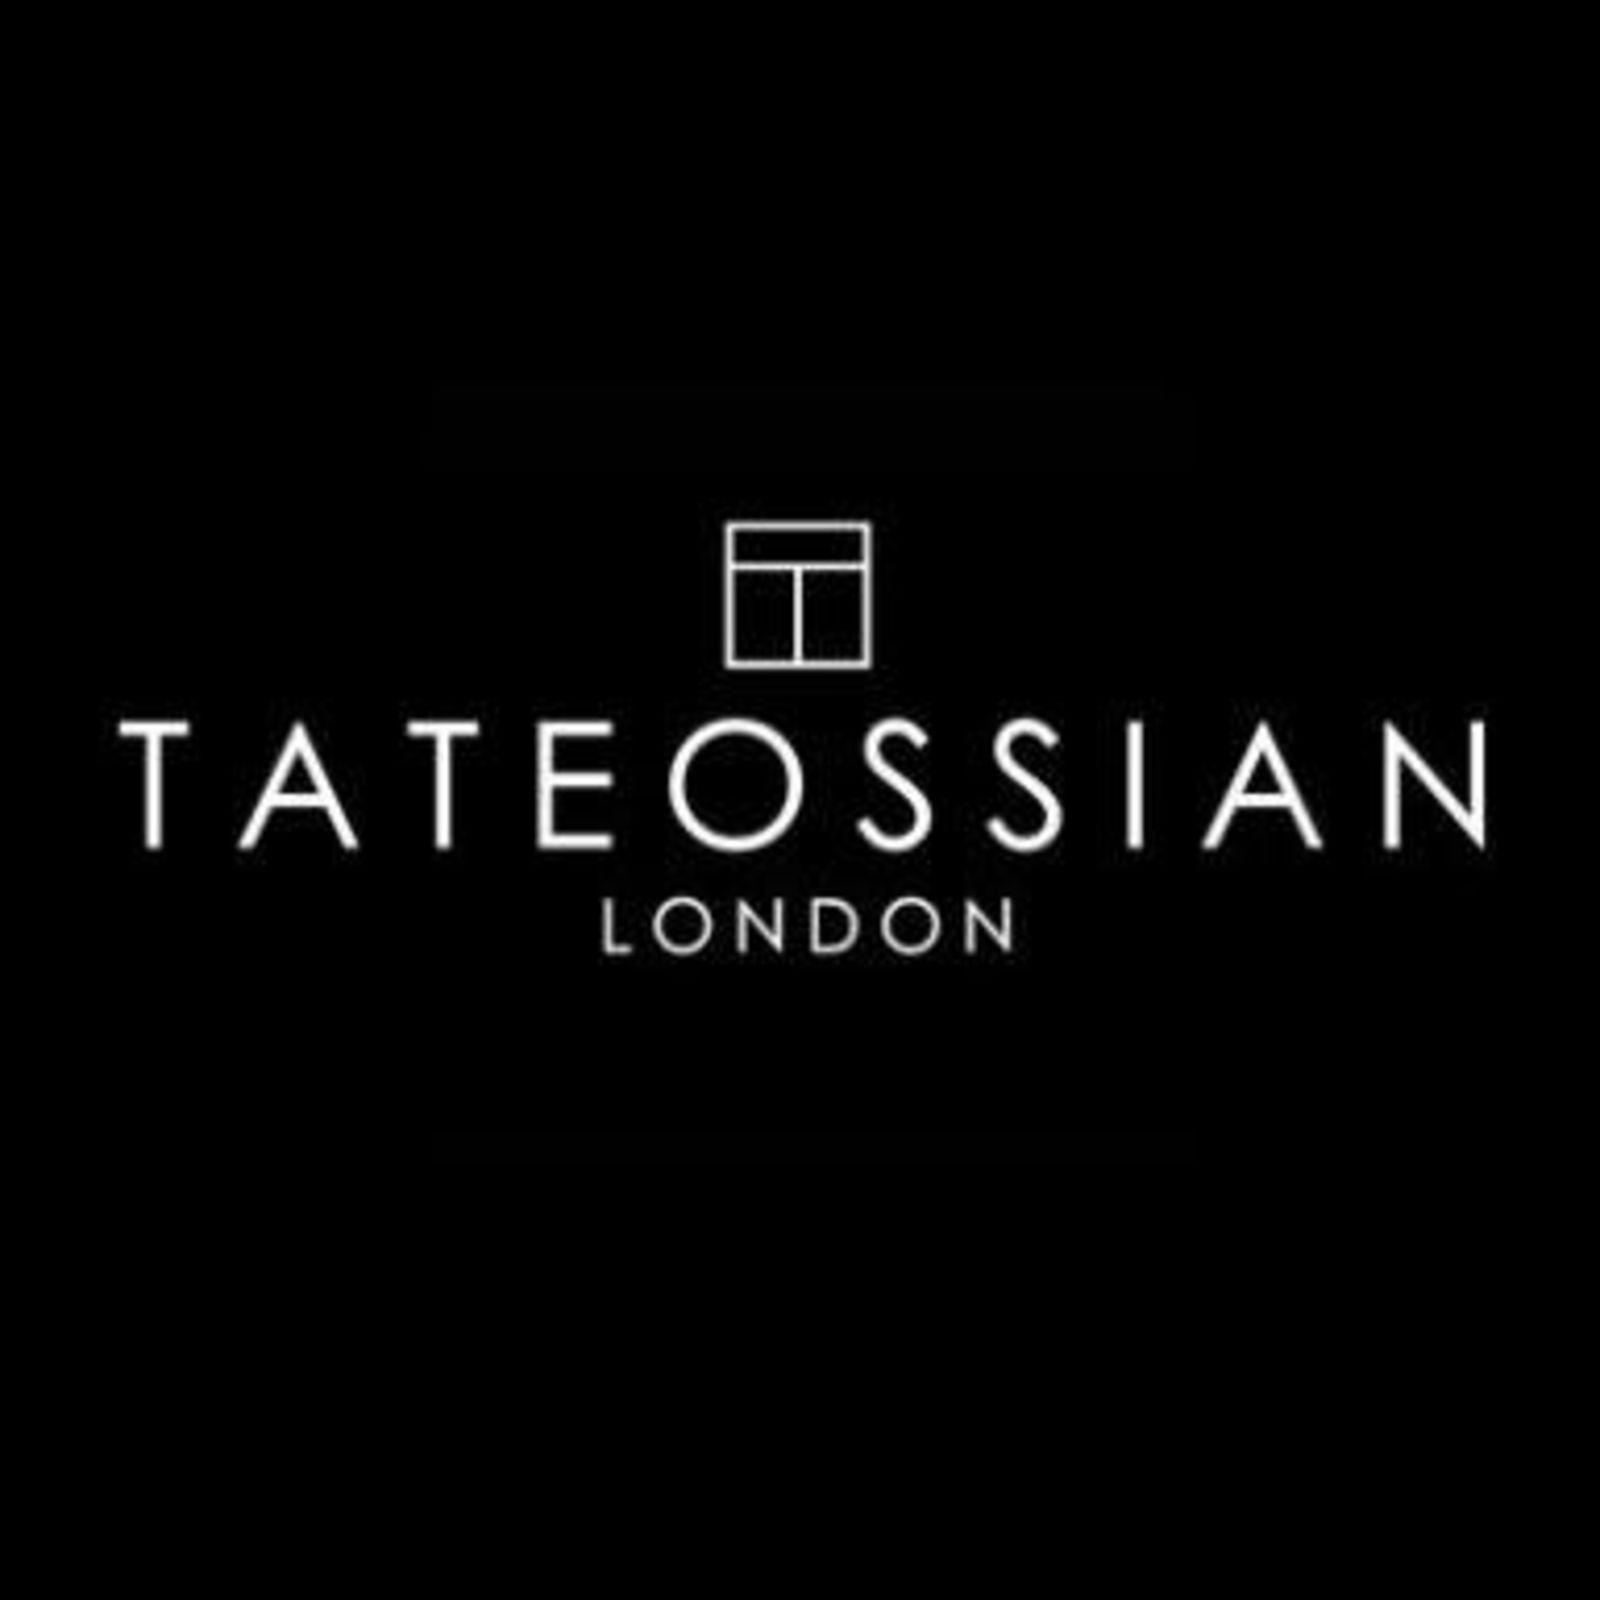 TATEOSSIAN LONDON